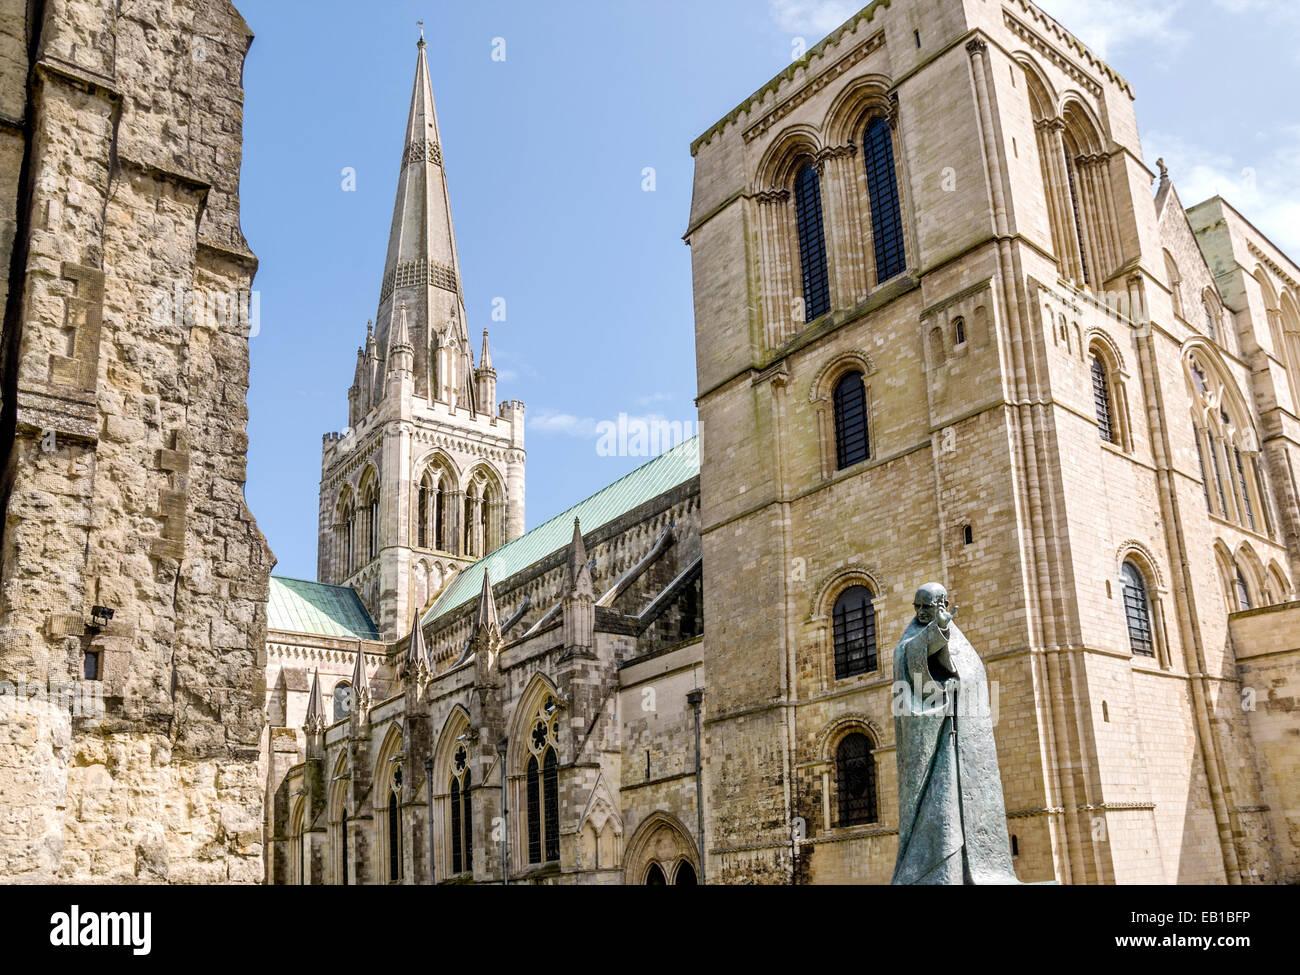 Kathedrale von Chichester, in der Grafschaft West Sussex, Südostengland. Stockbild